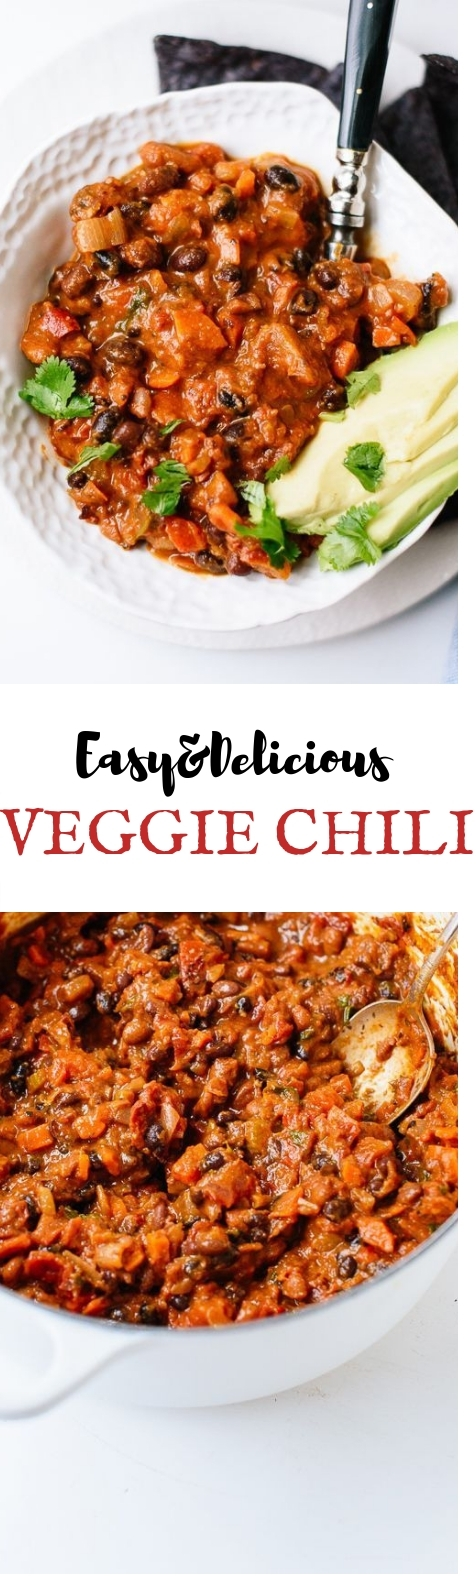 Homemade Vegetarian Chili #Spicy #veganmeal